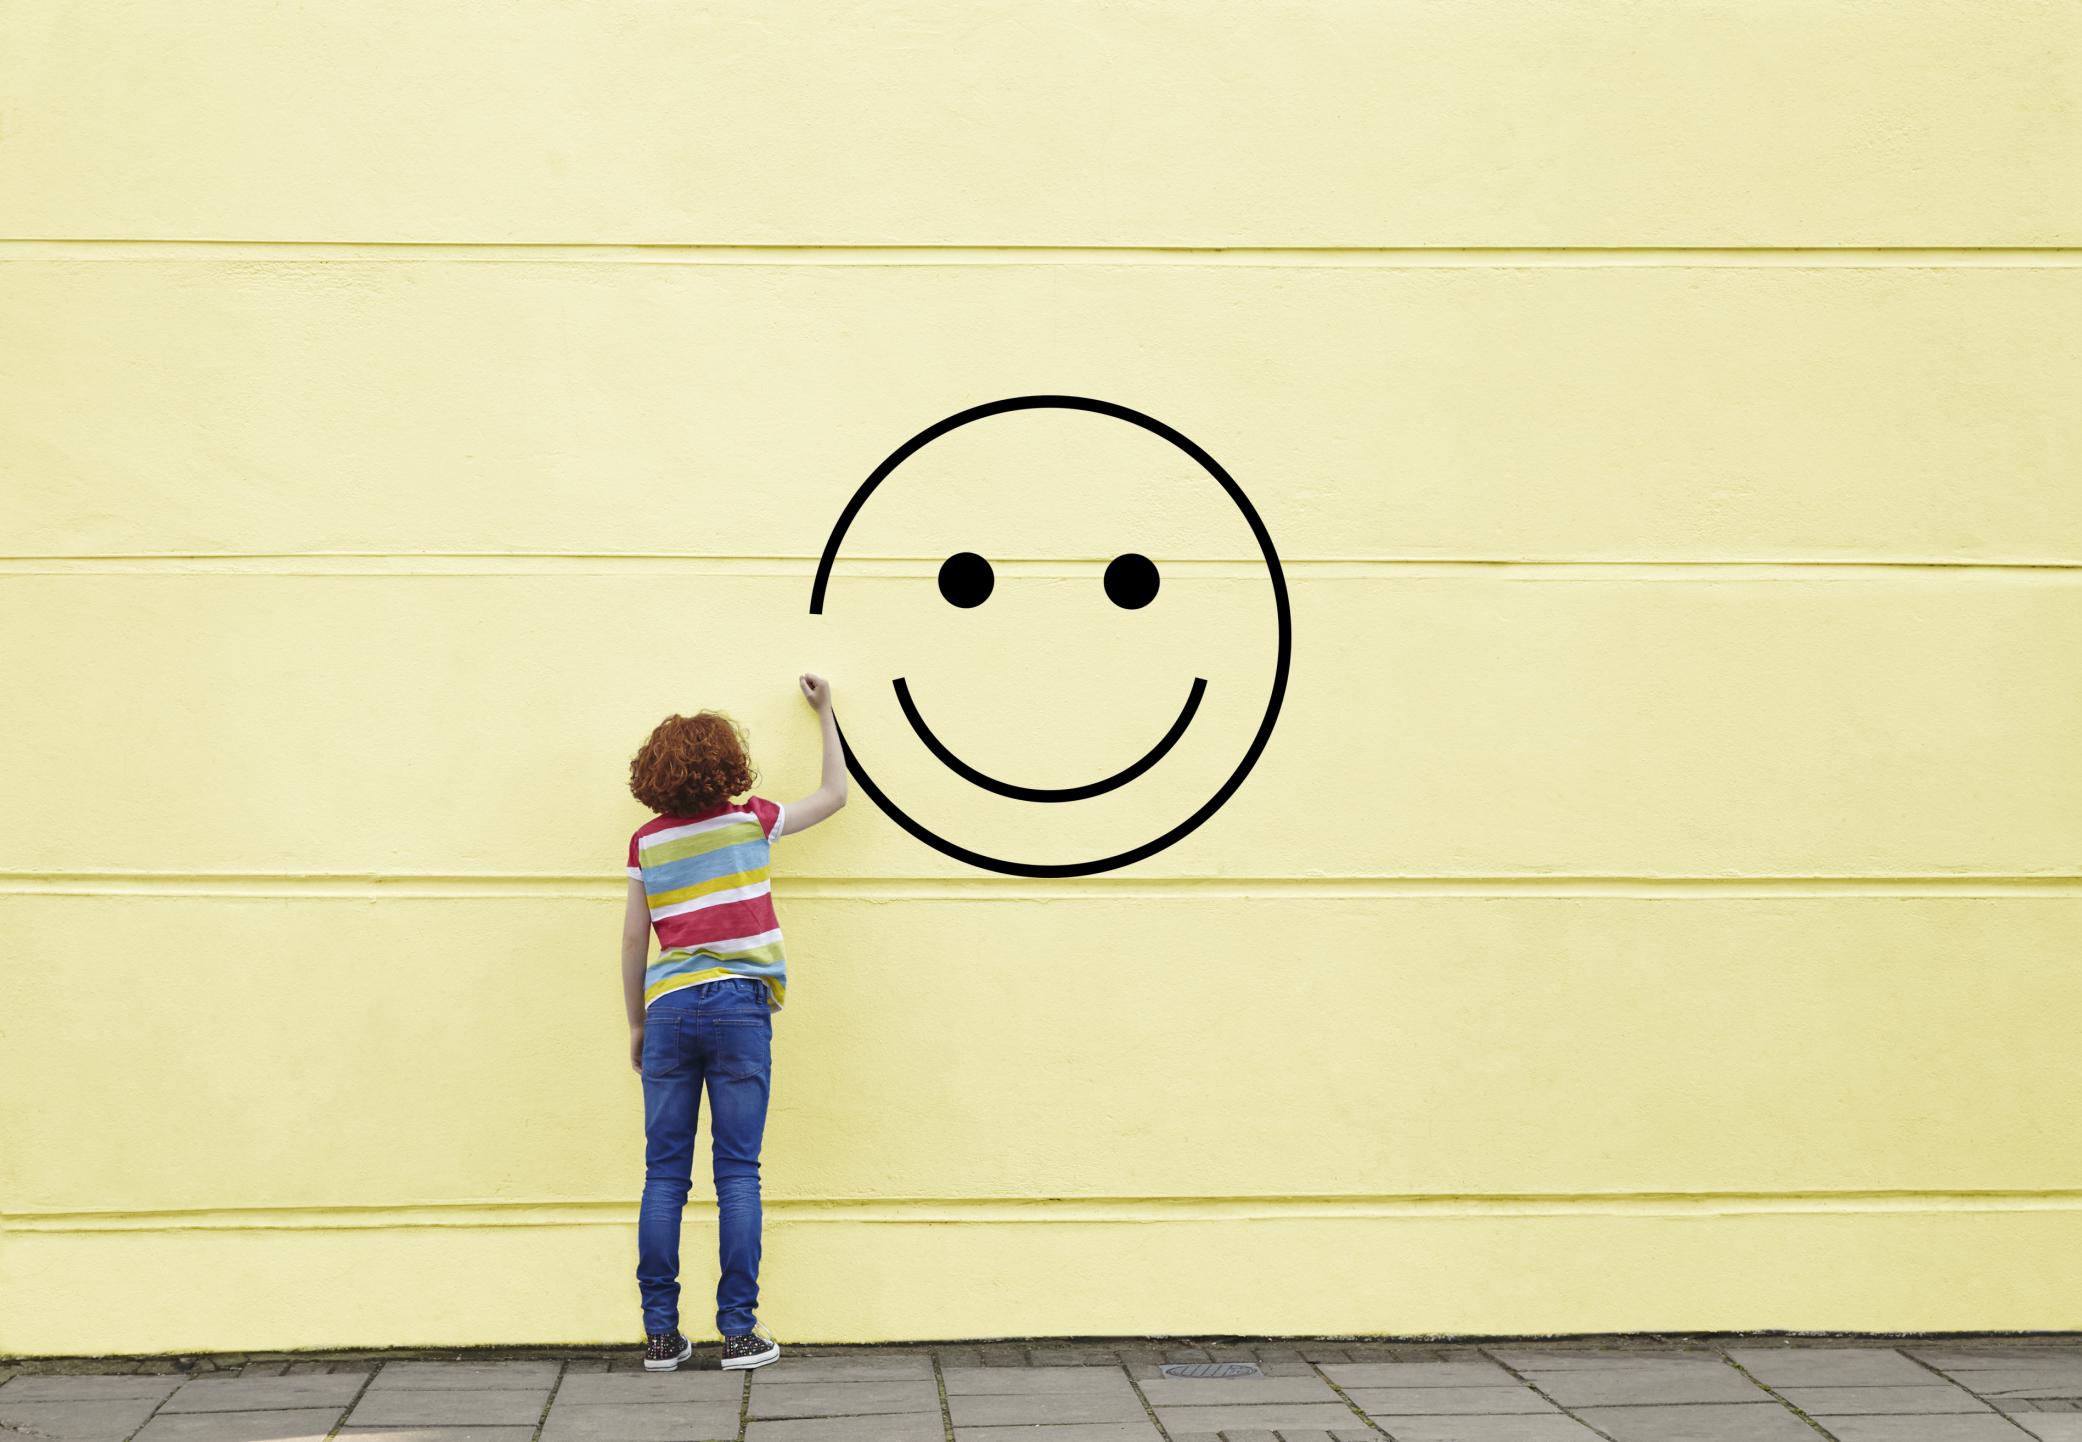 mutluluk ruh hali